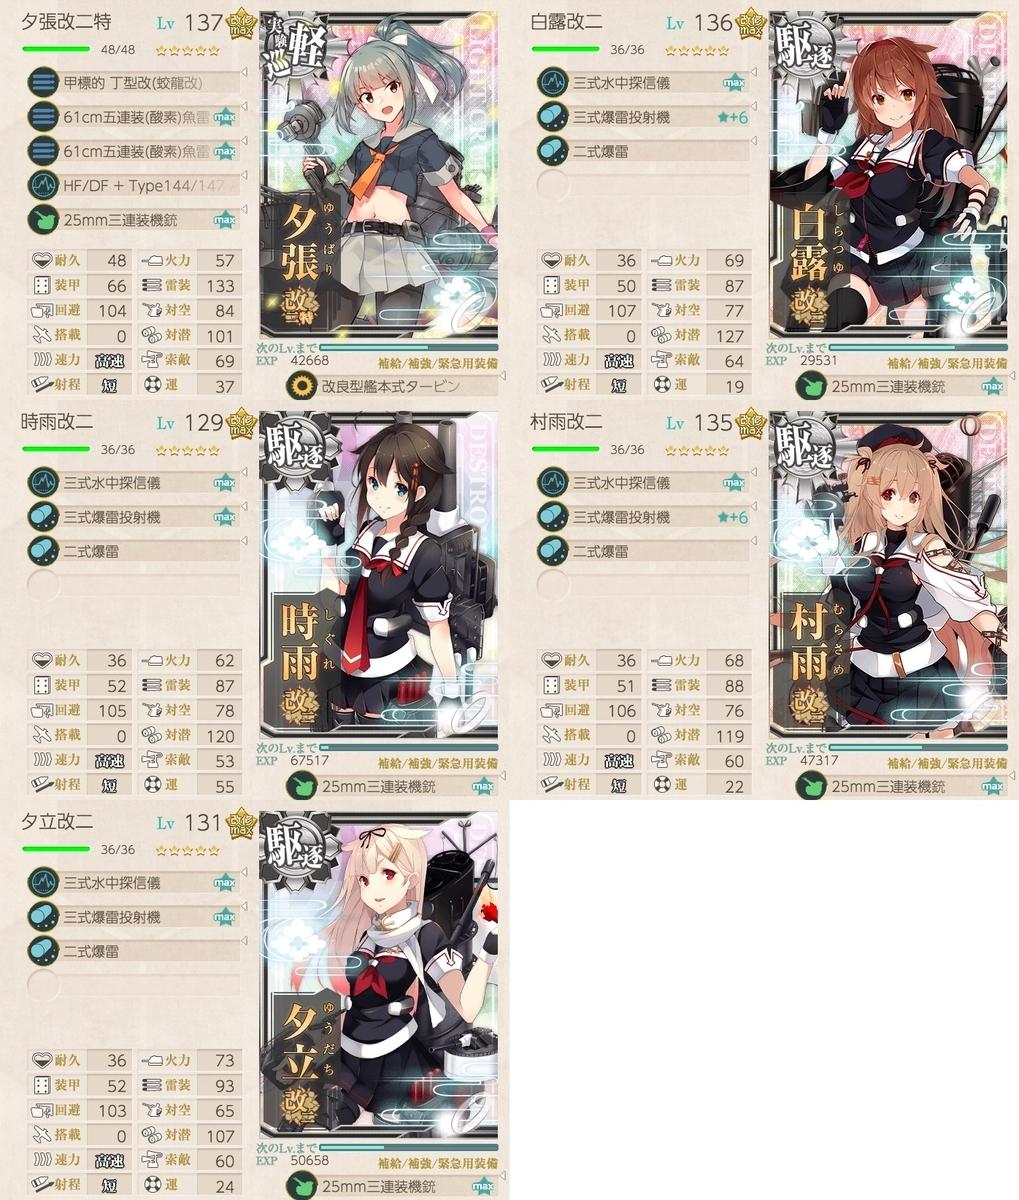 f:id:nameless_admiral:20210101070309j:plain